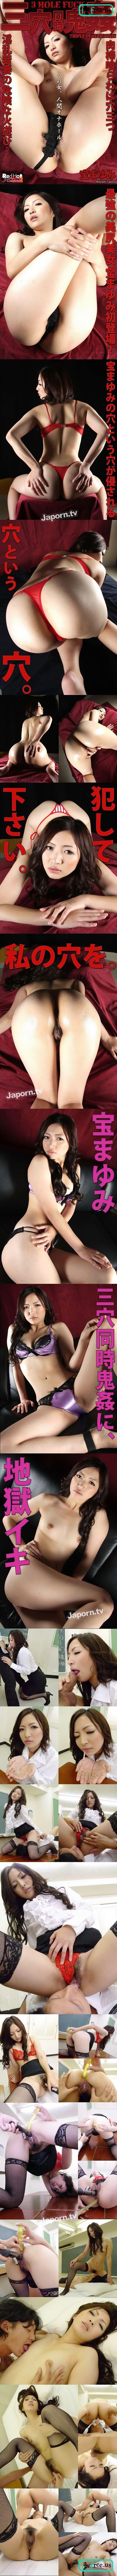 [RHJ 219] Red Hot Jam Vol.219 : Mayumi Takara 宝まゆみ RHJ Mayumi Takara